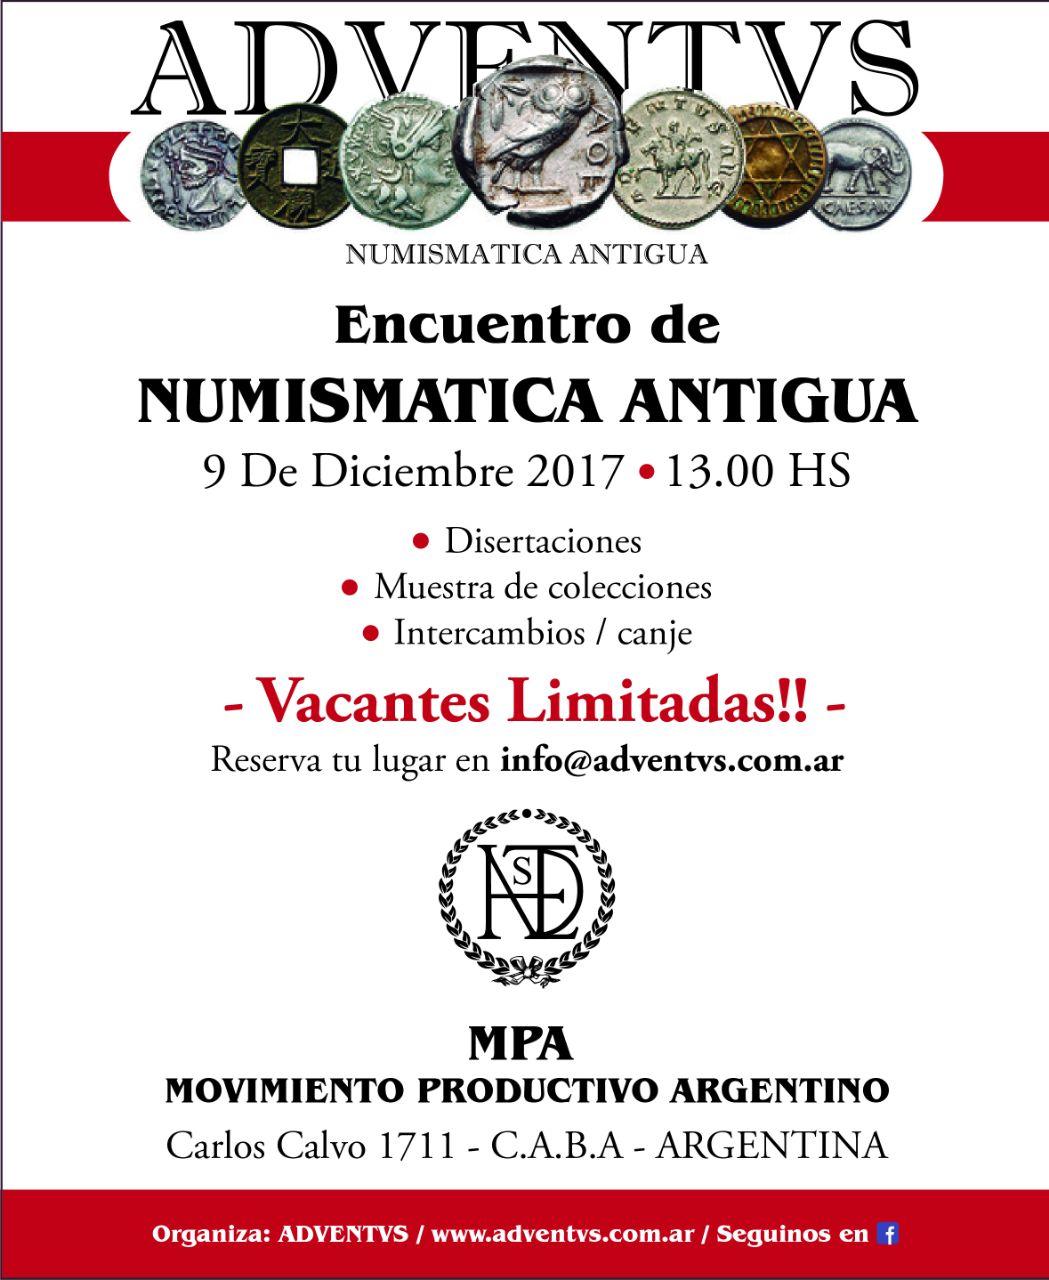 IMG-20171118-WA0008